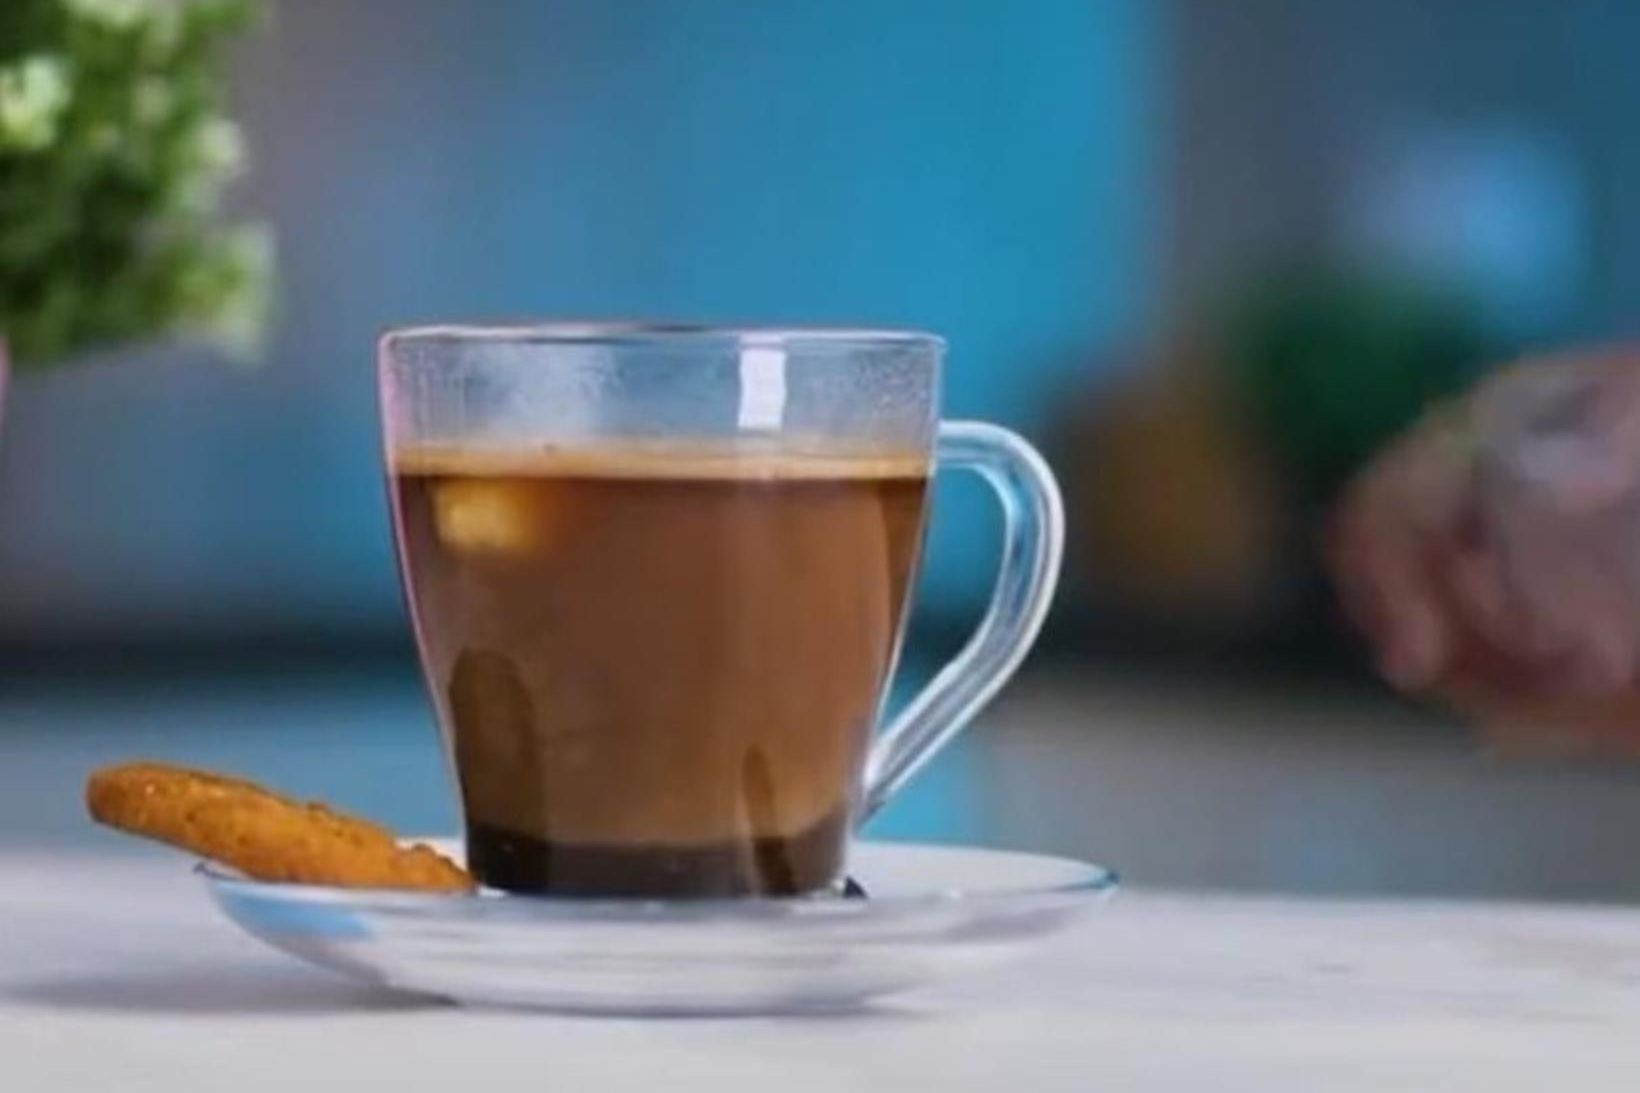 Kaffiþyrstir verða að kunna þetta snjalla húsráð.